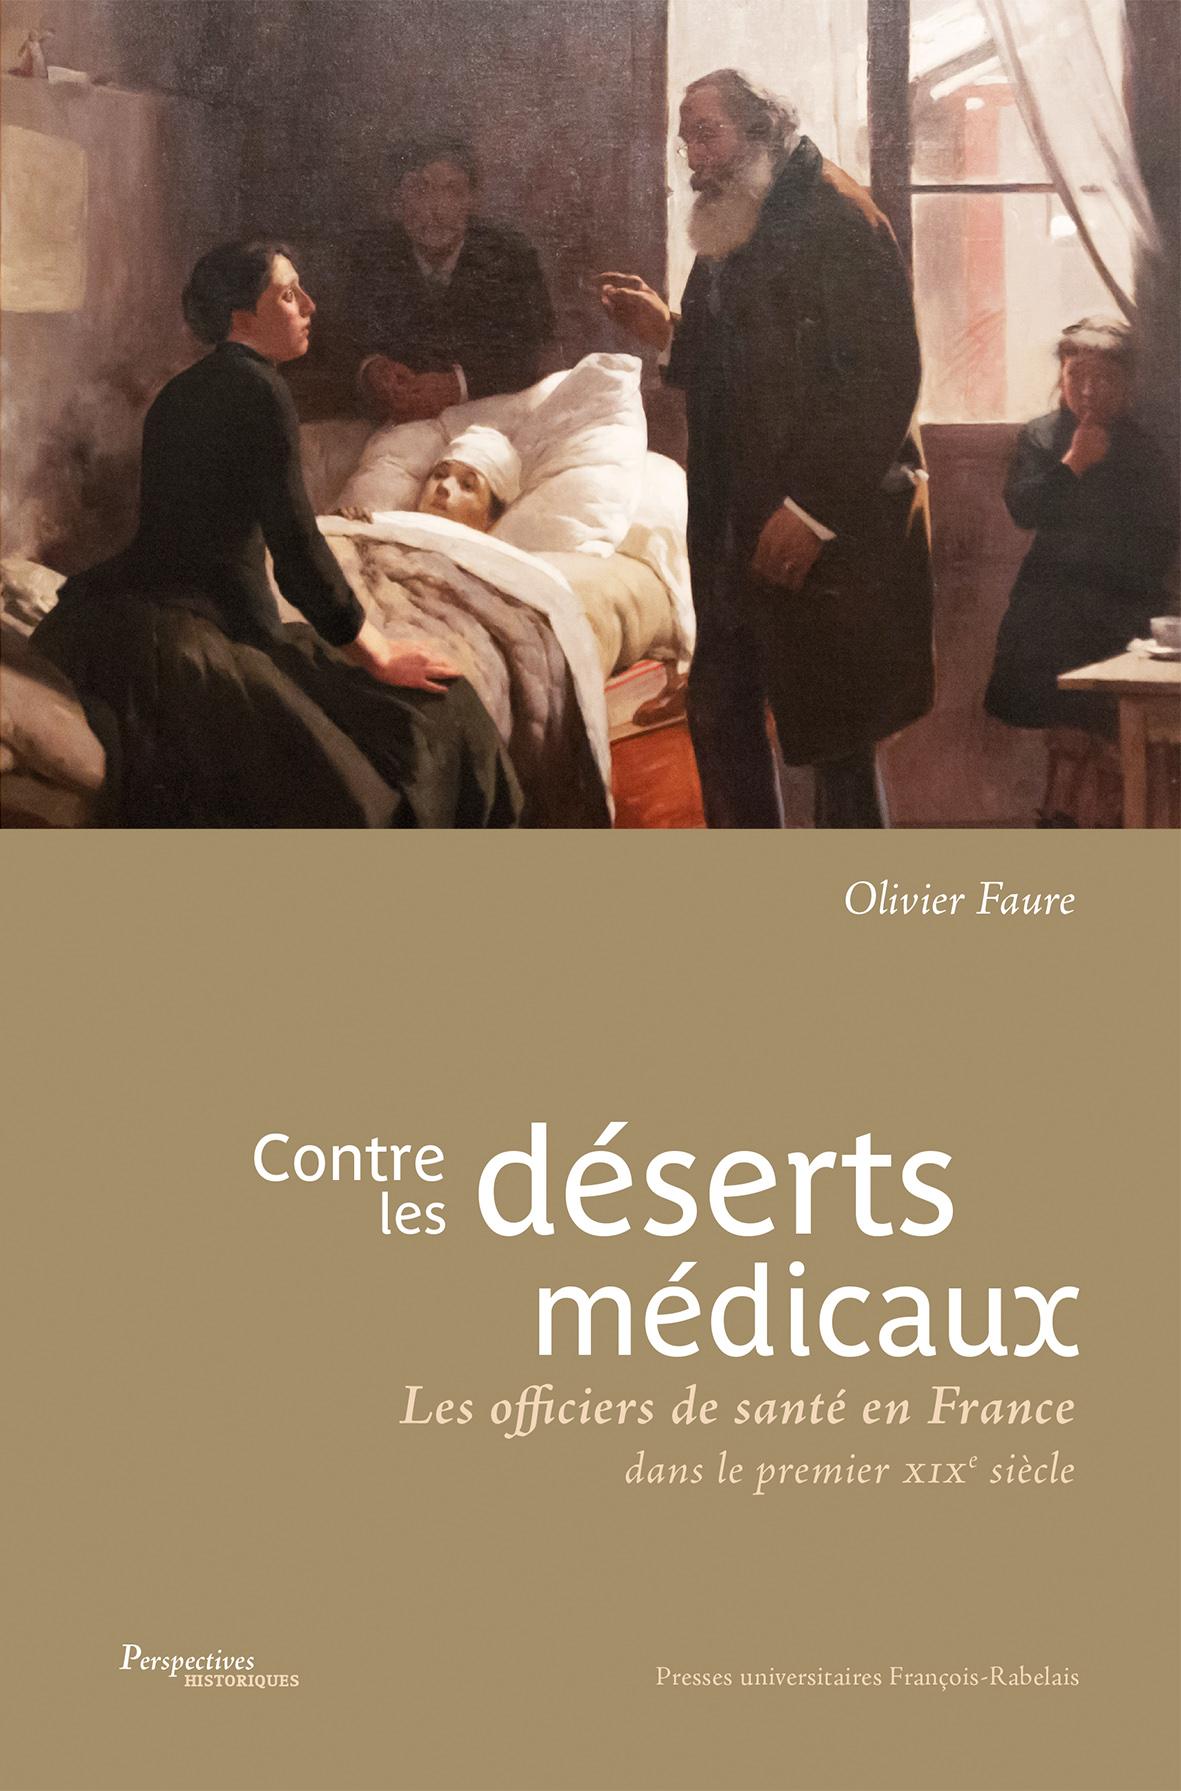 Contre les déserts médicaux